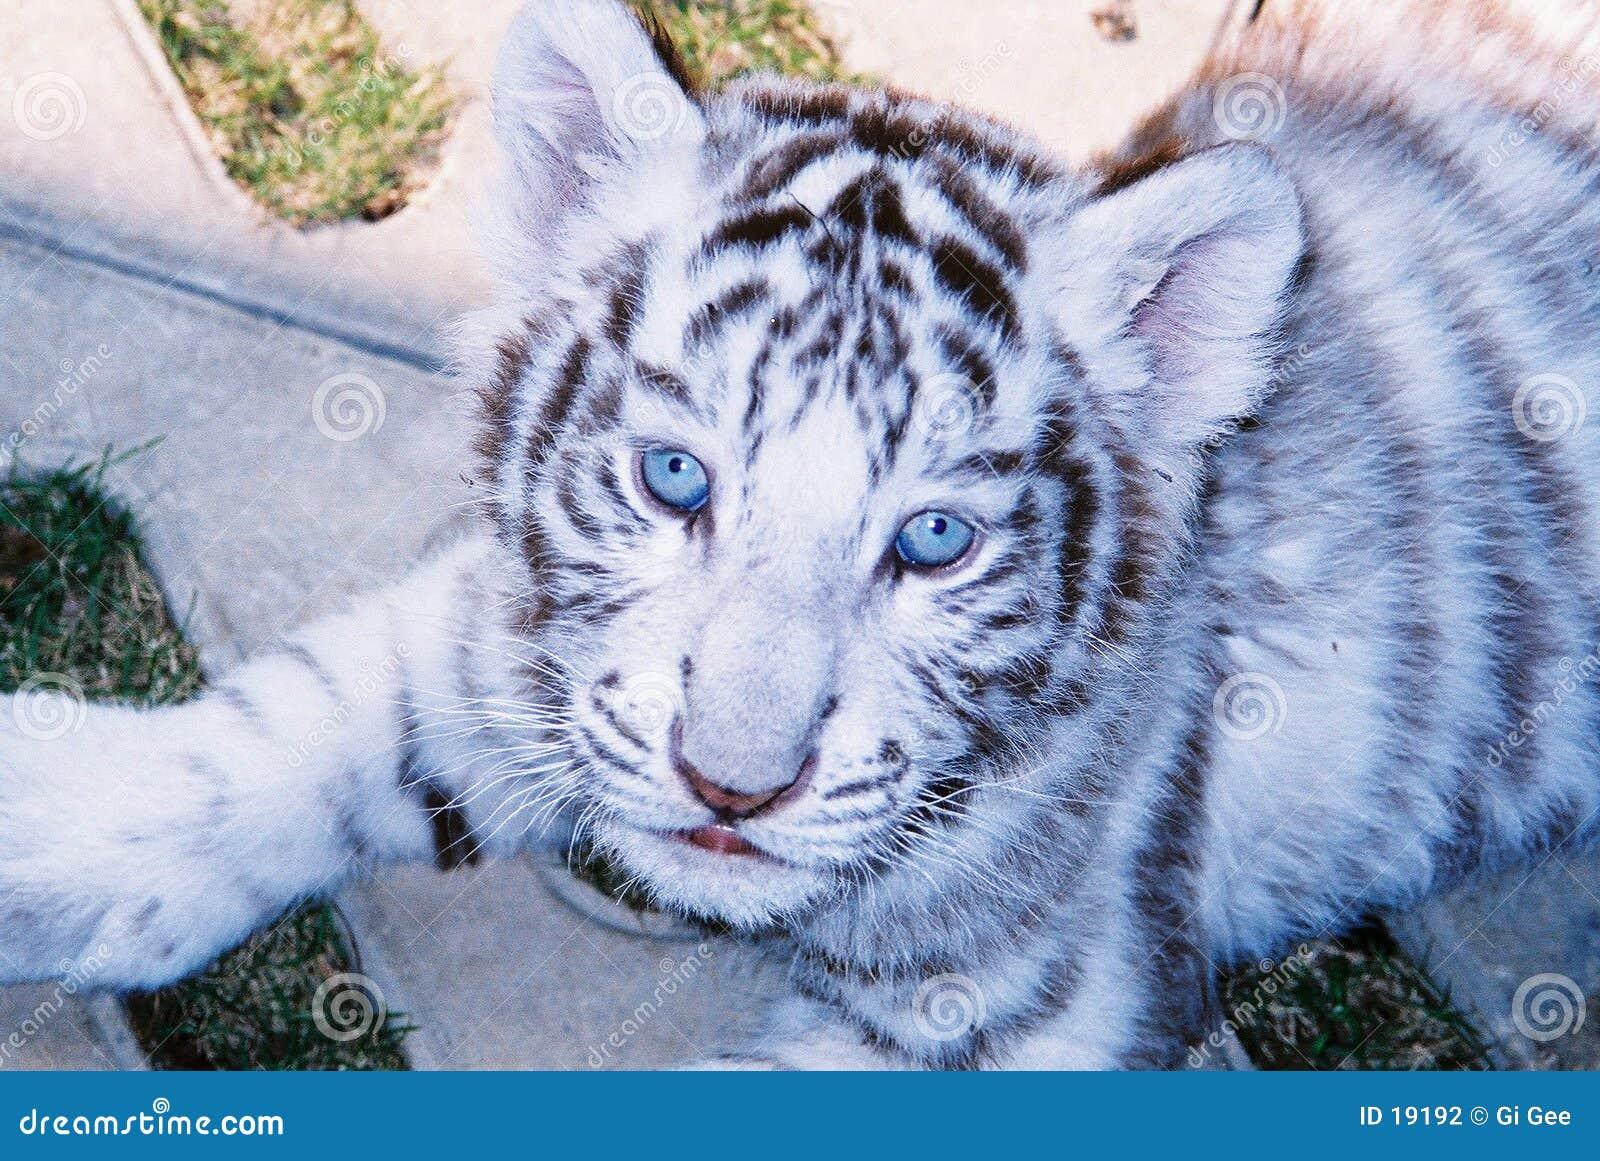 Tigre bianca del bambino negli occhi azzurri